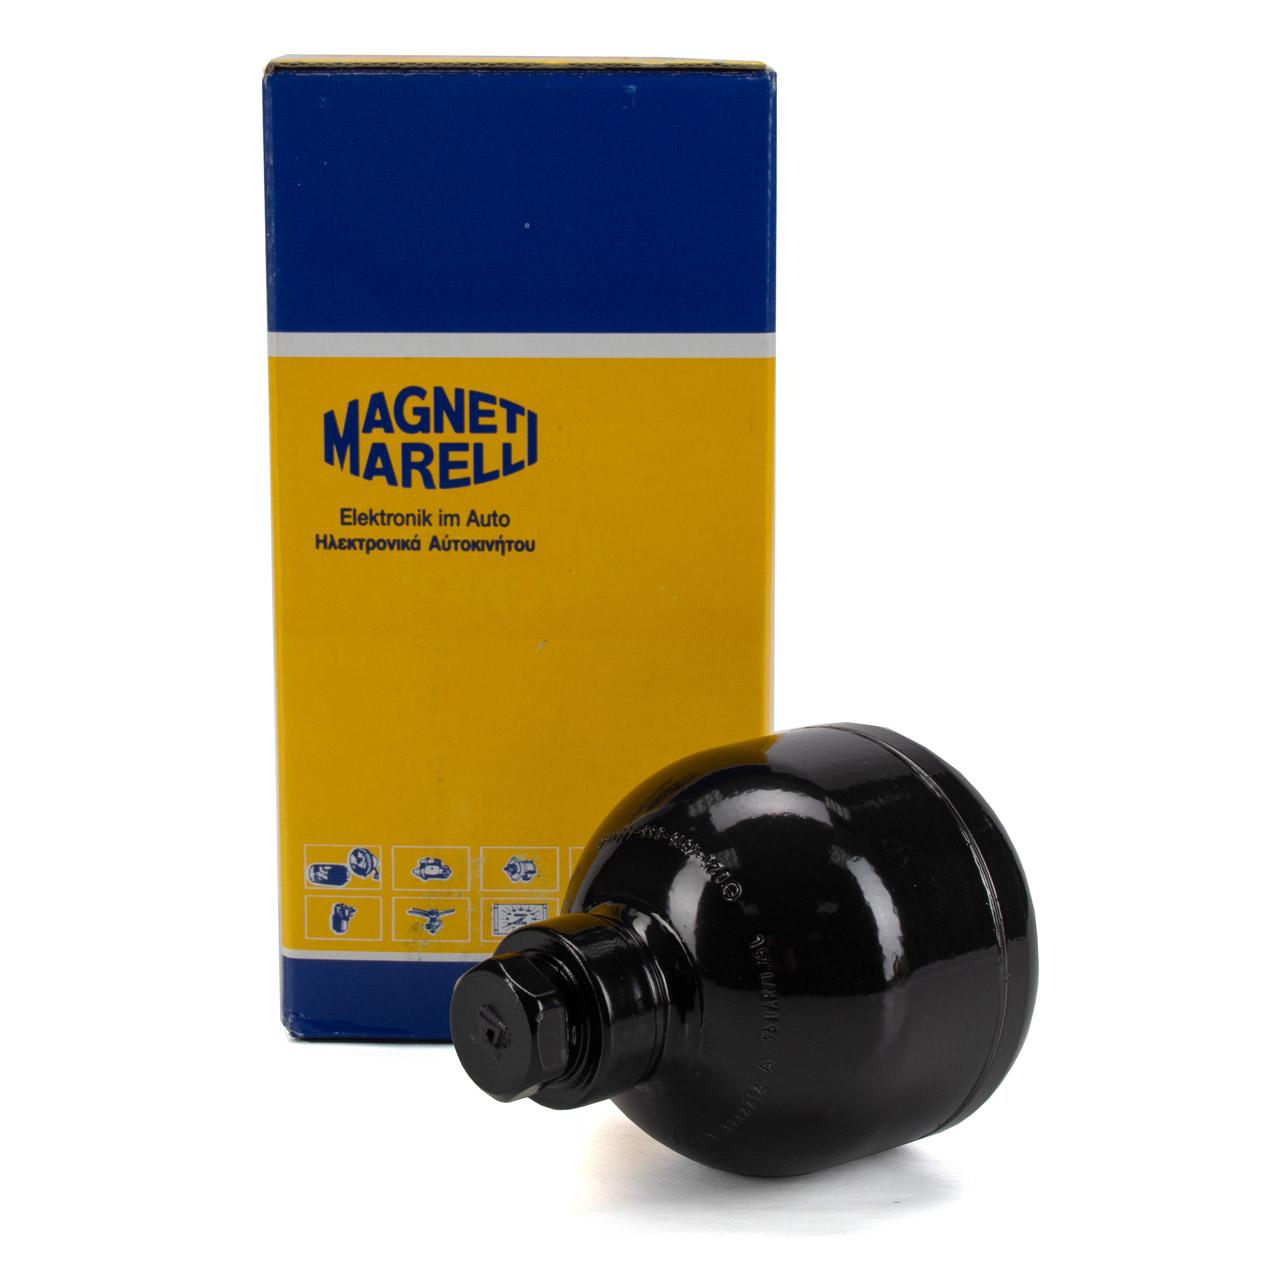 MAGNETI MARELLI Druckspeicher Hydraulikaggregat Autom. Getr. FIAT ALFA ROMEO PEUGEOT